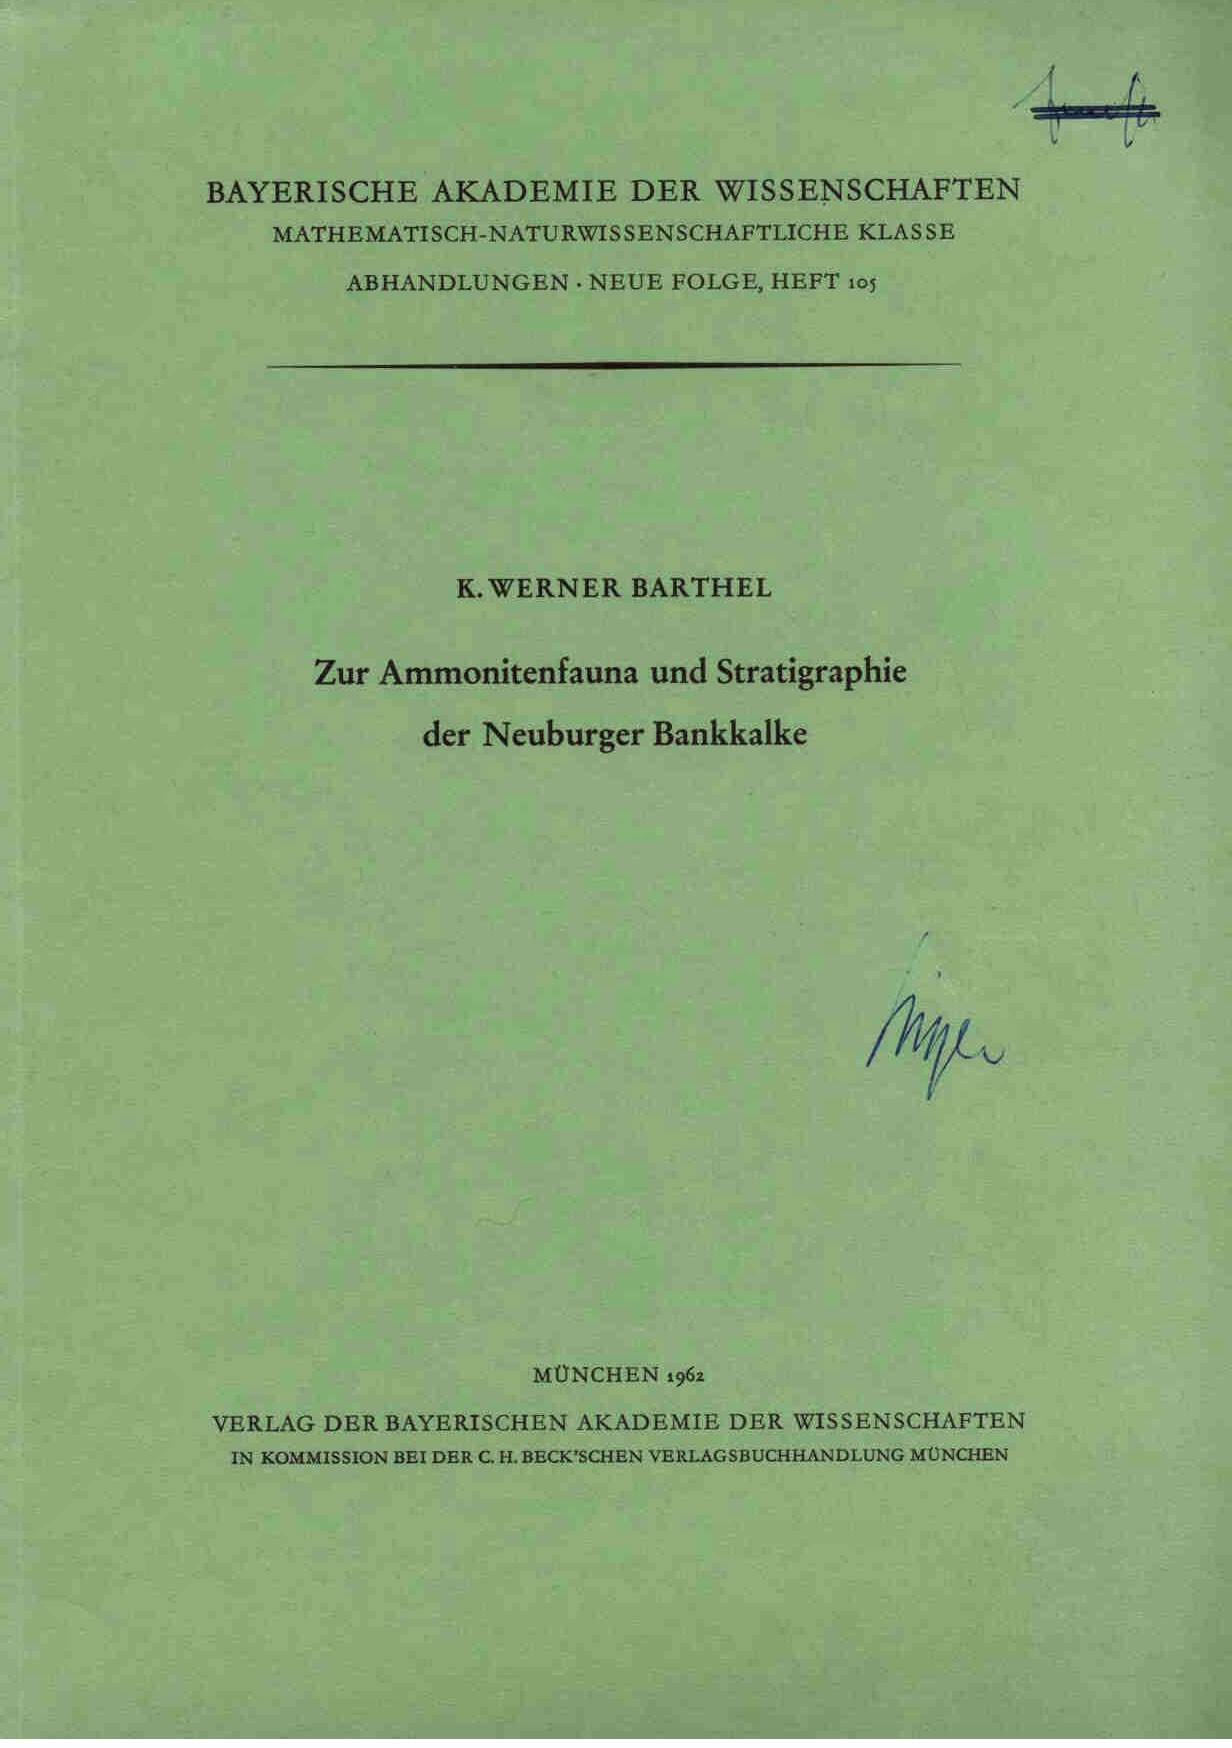 Barthel, W.: Zur Ammonitenfauna und Stratigraphie der Neuburger Bankkalke.